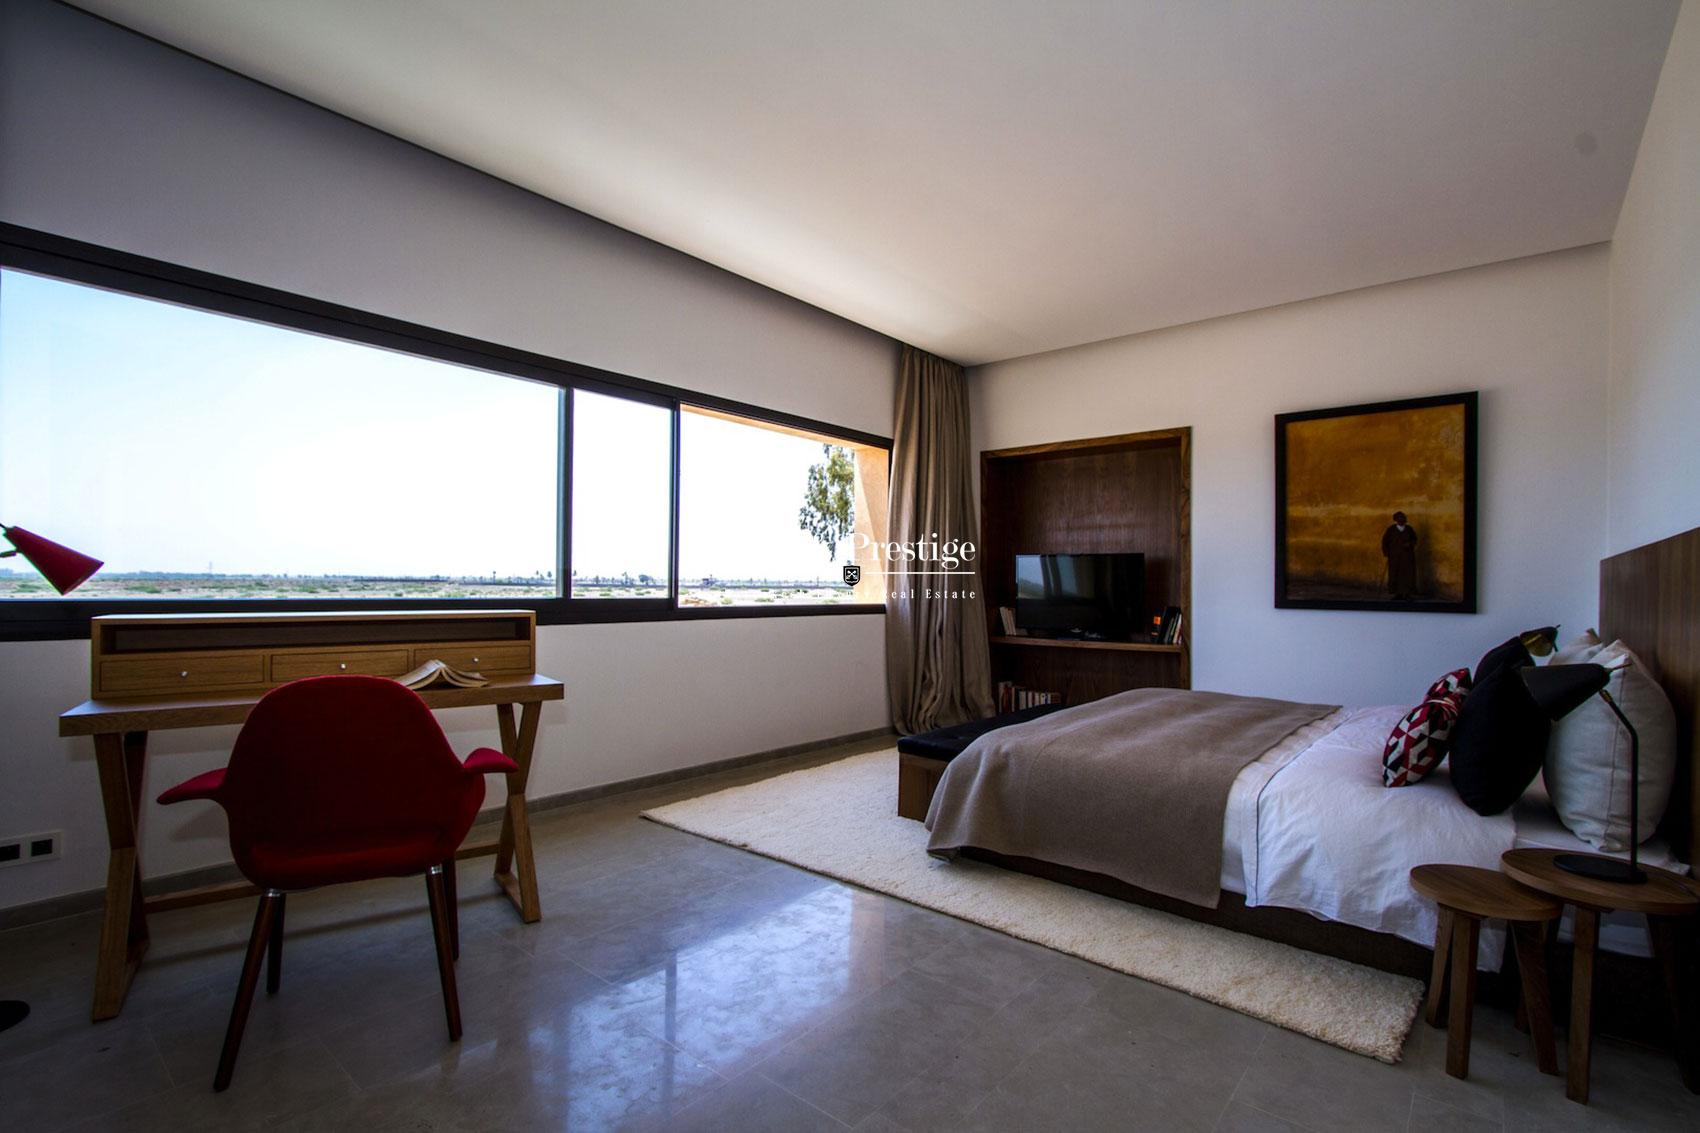 Maison à louer à Marrakech - Agence Imobilière